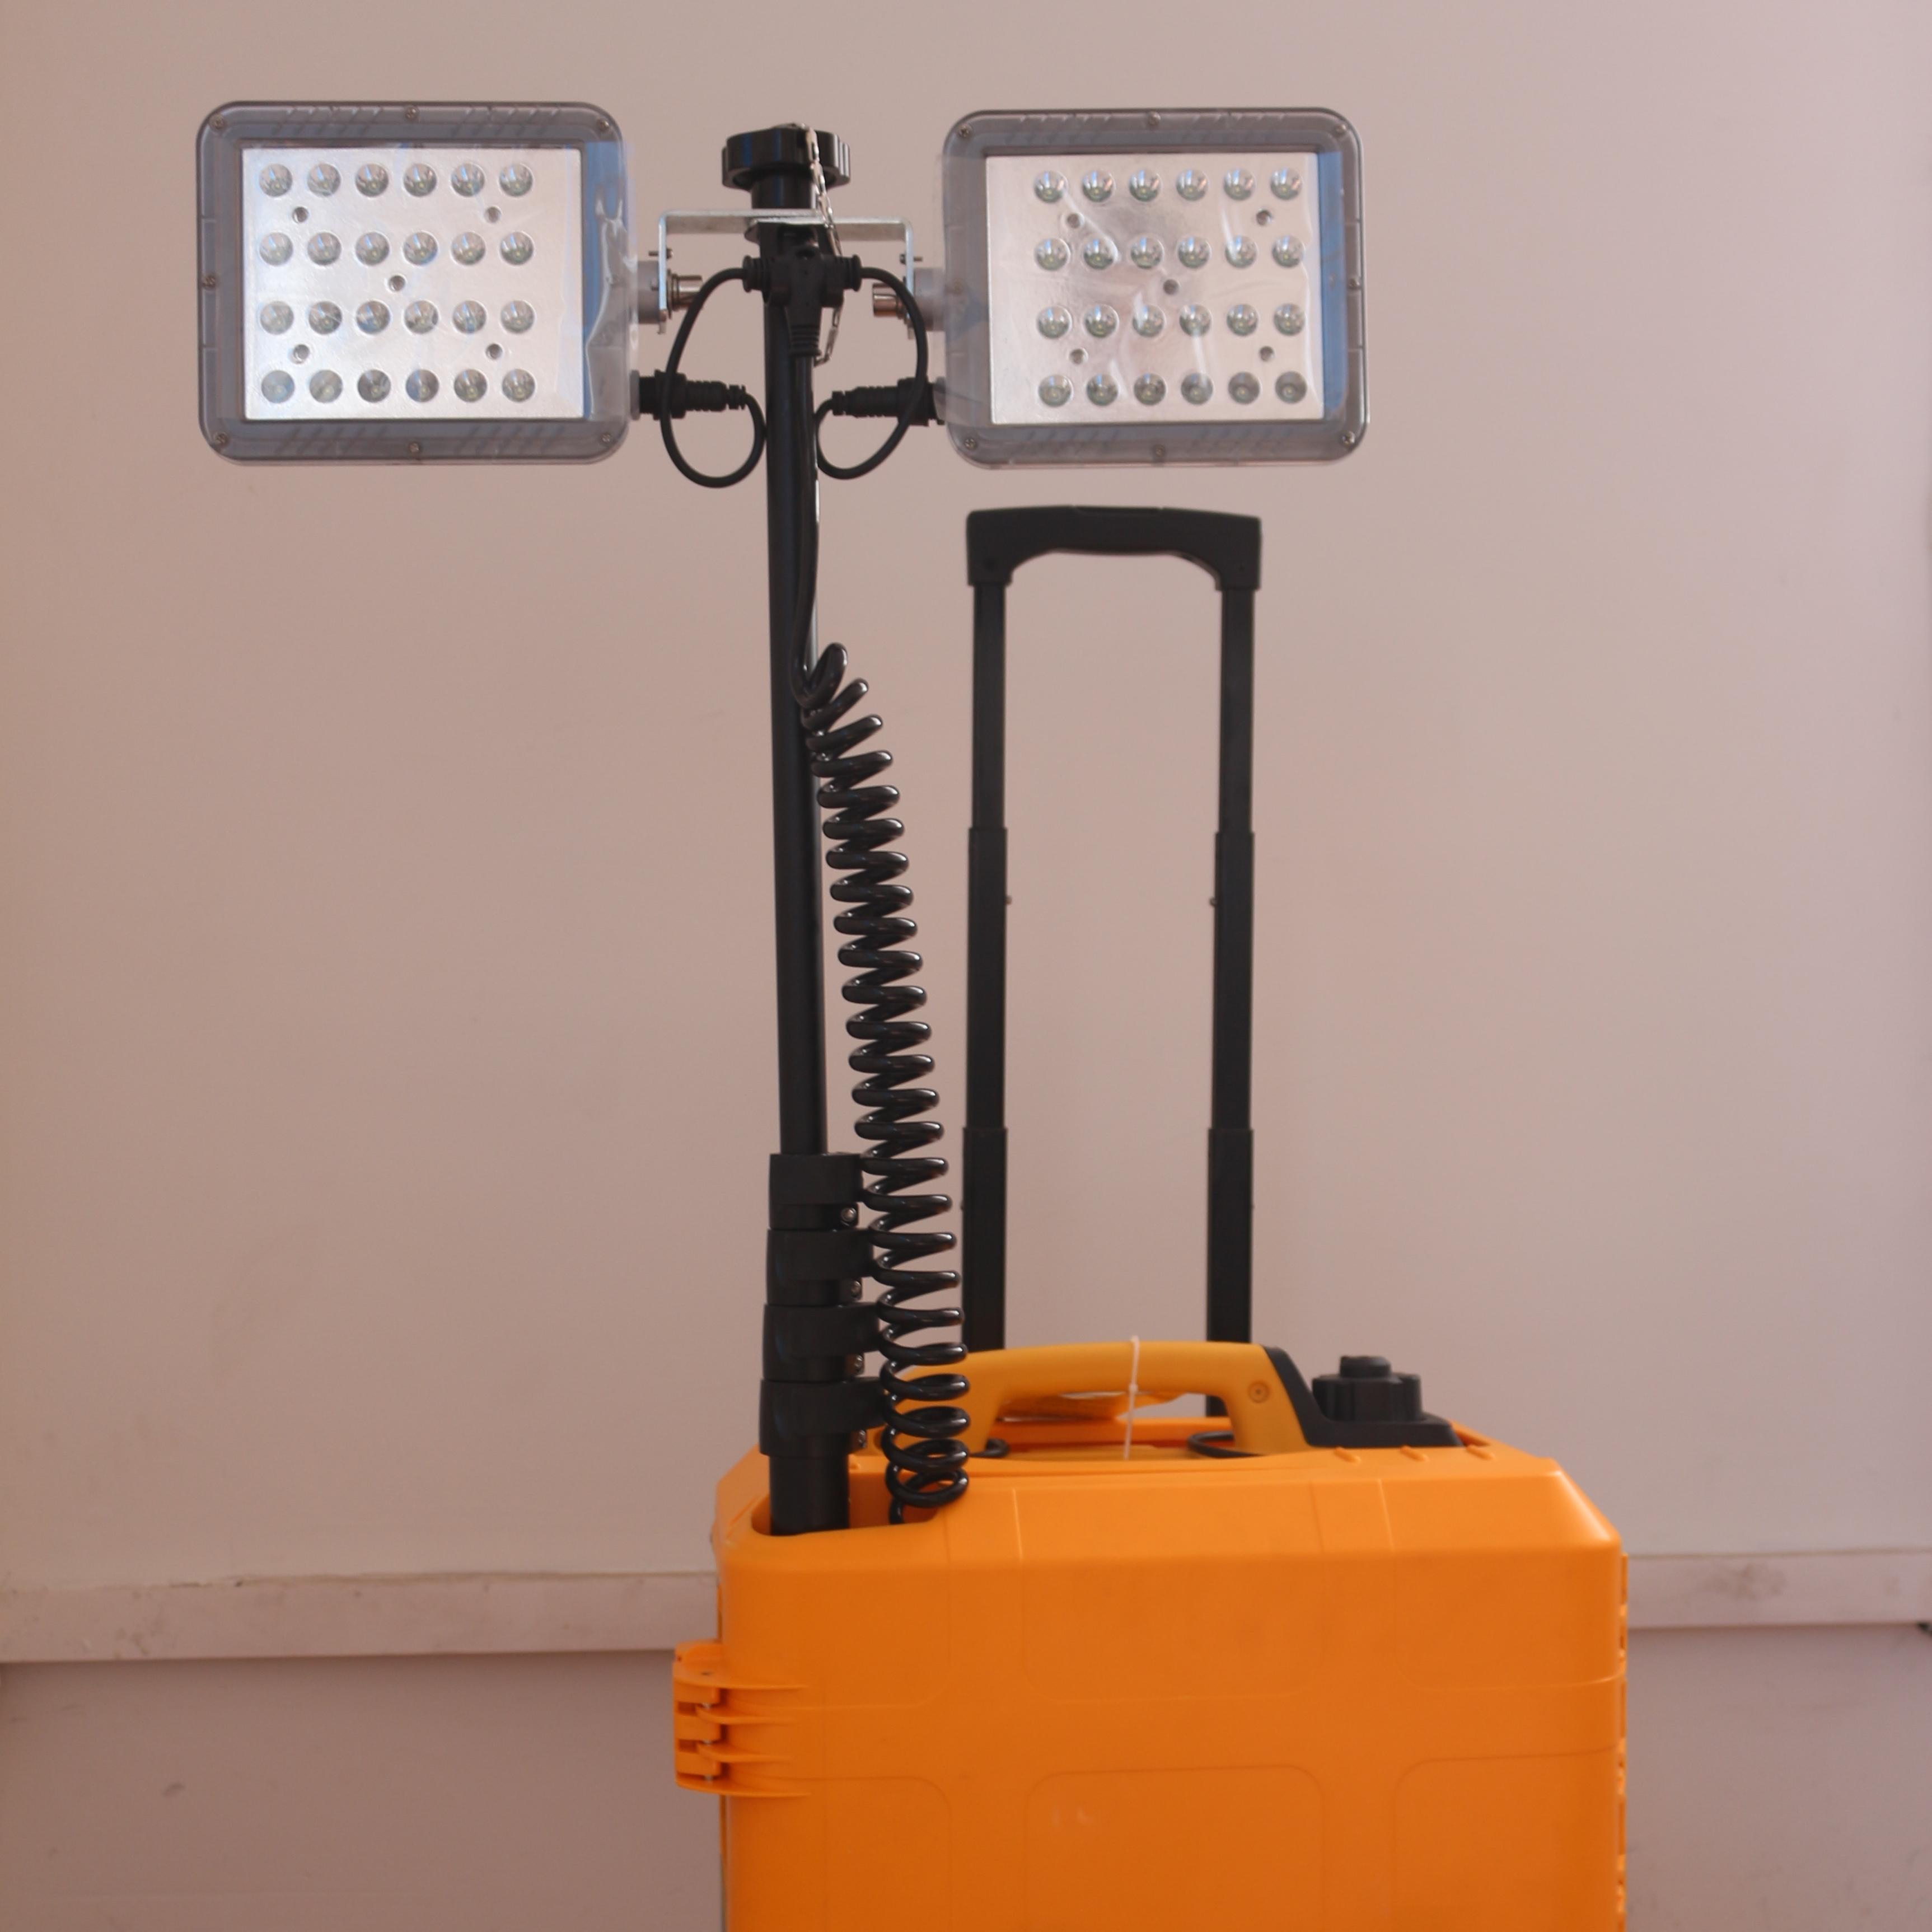 NIY9705多功能移动照明装置